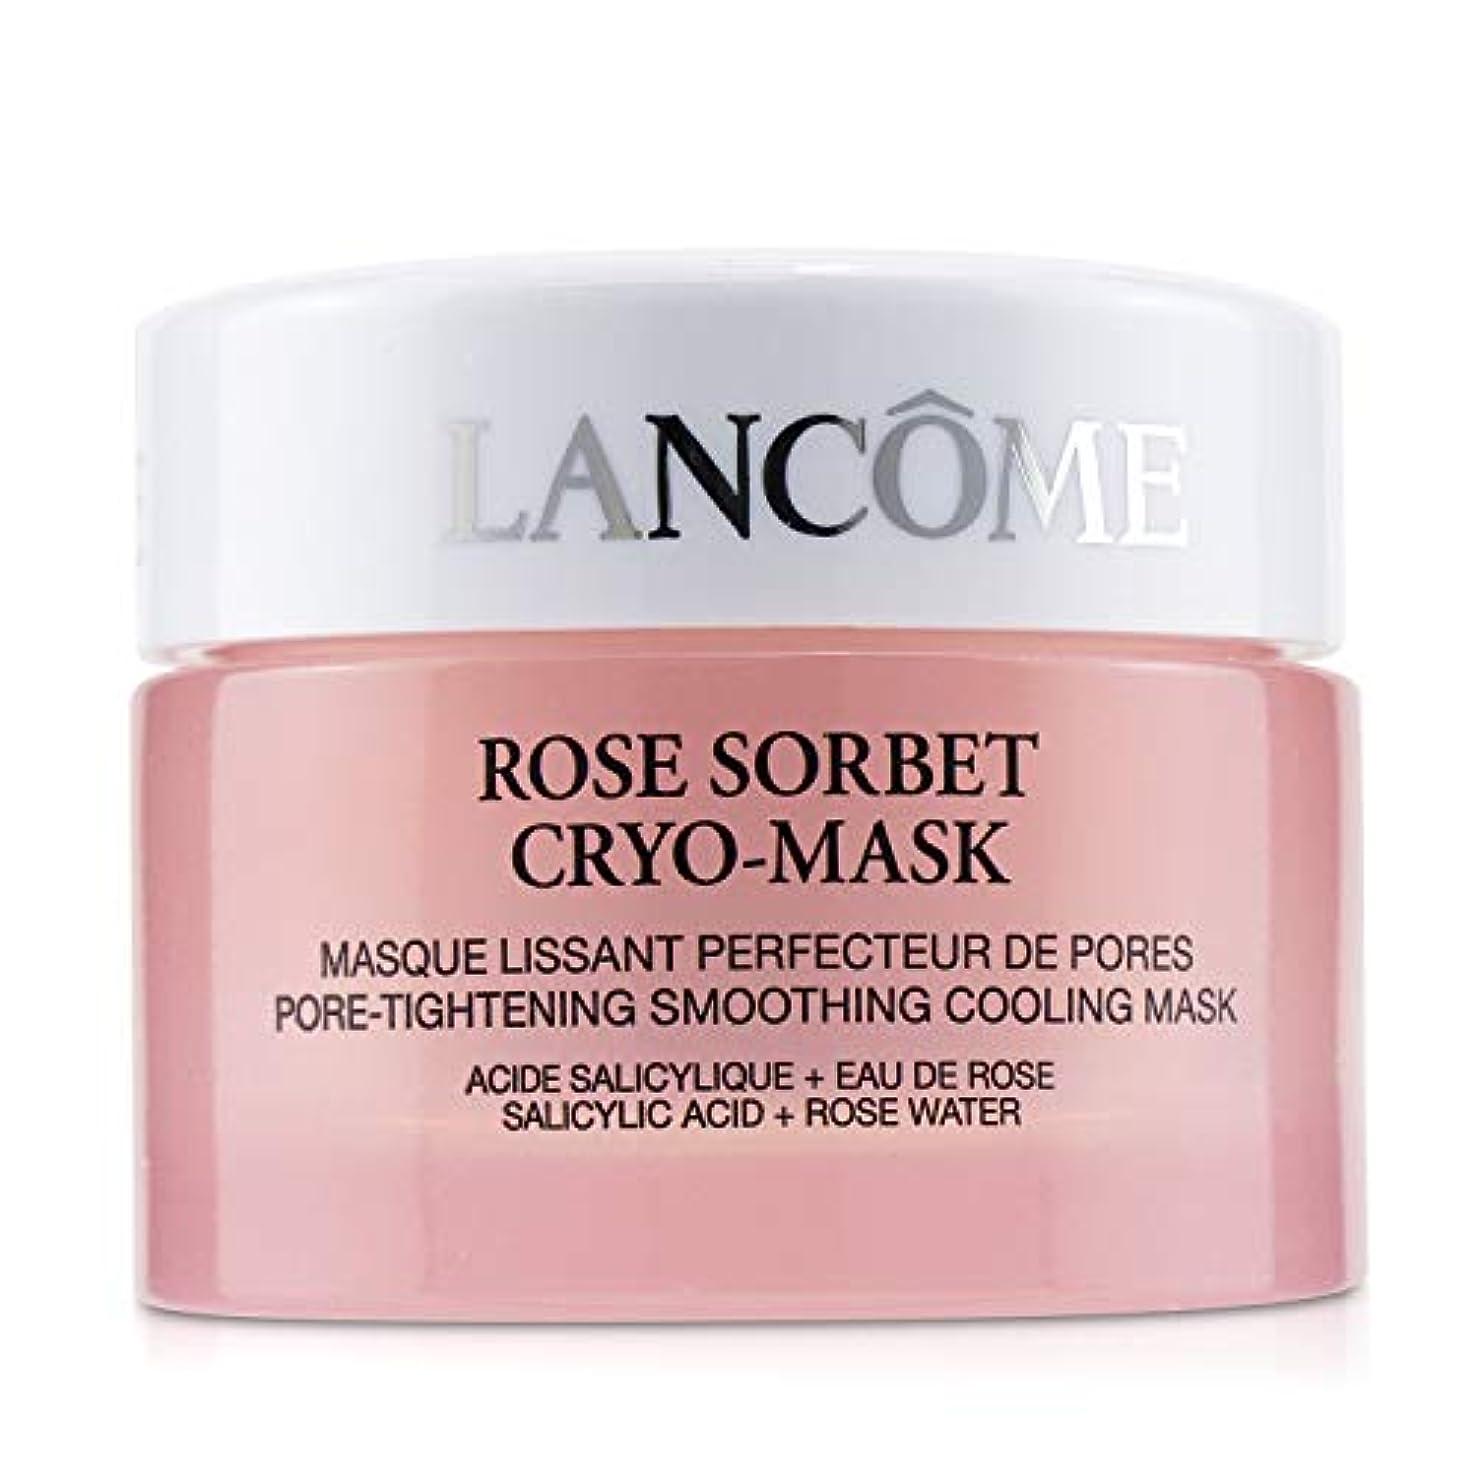 助けになる属する混雑ランコム Rose Sorbet Cryo-Mask - Pore Tightening Smoothing Cooling Mask 50ml/1.7oz並行輸入品